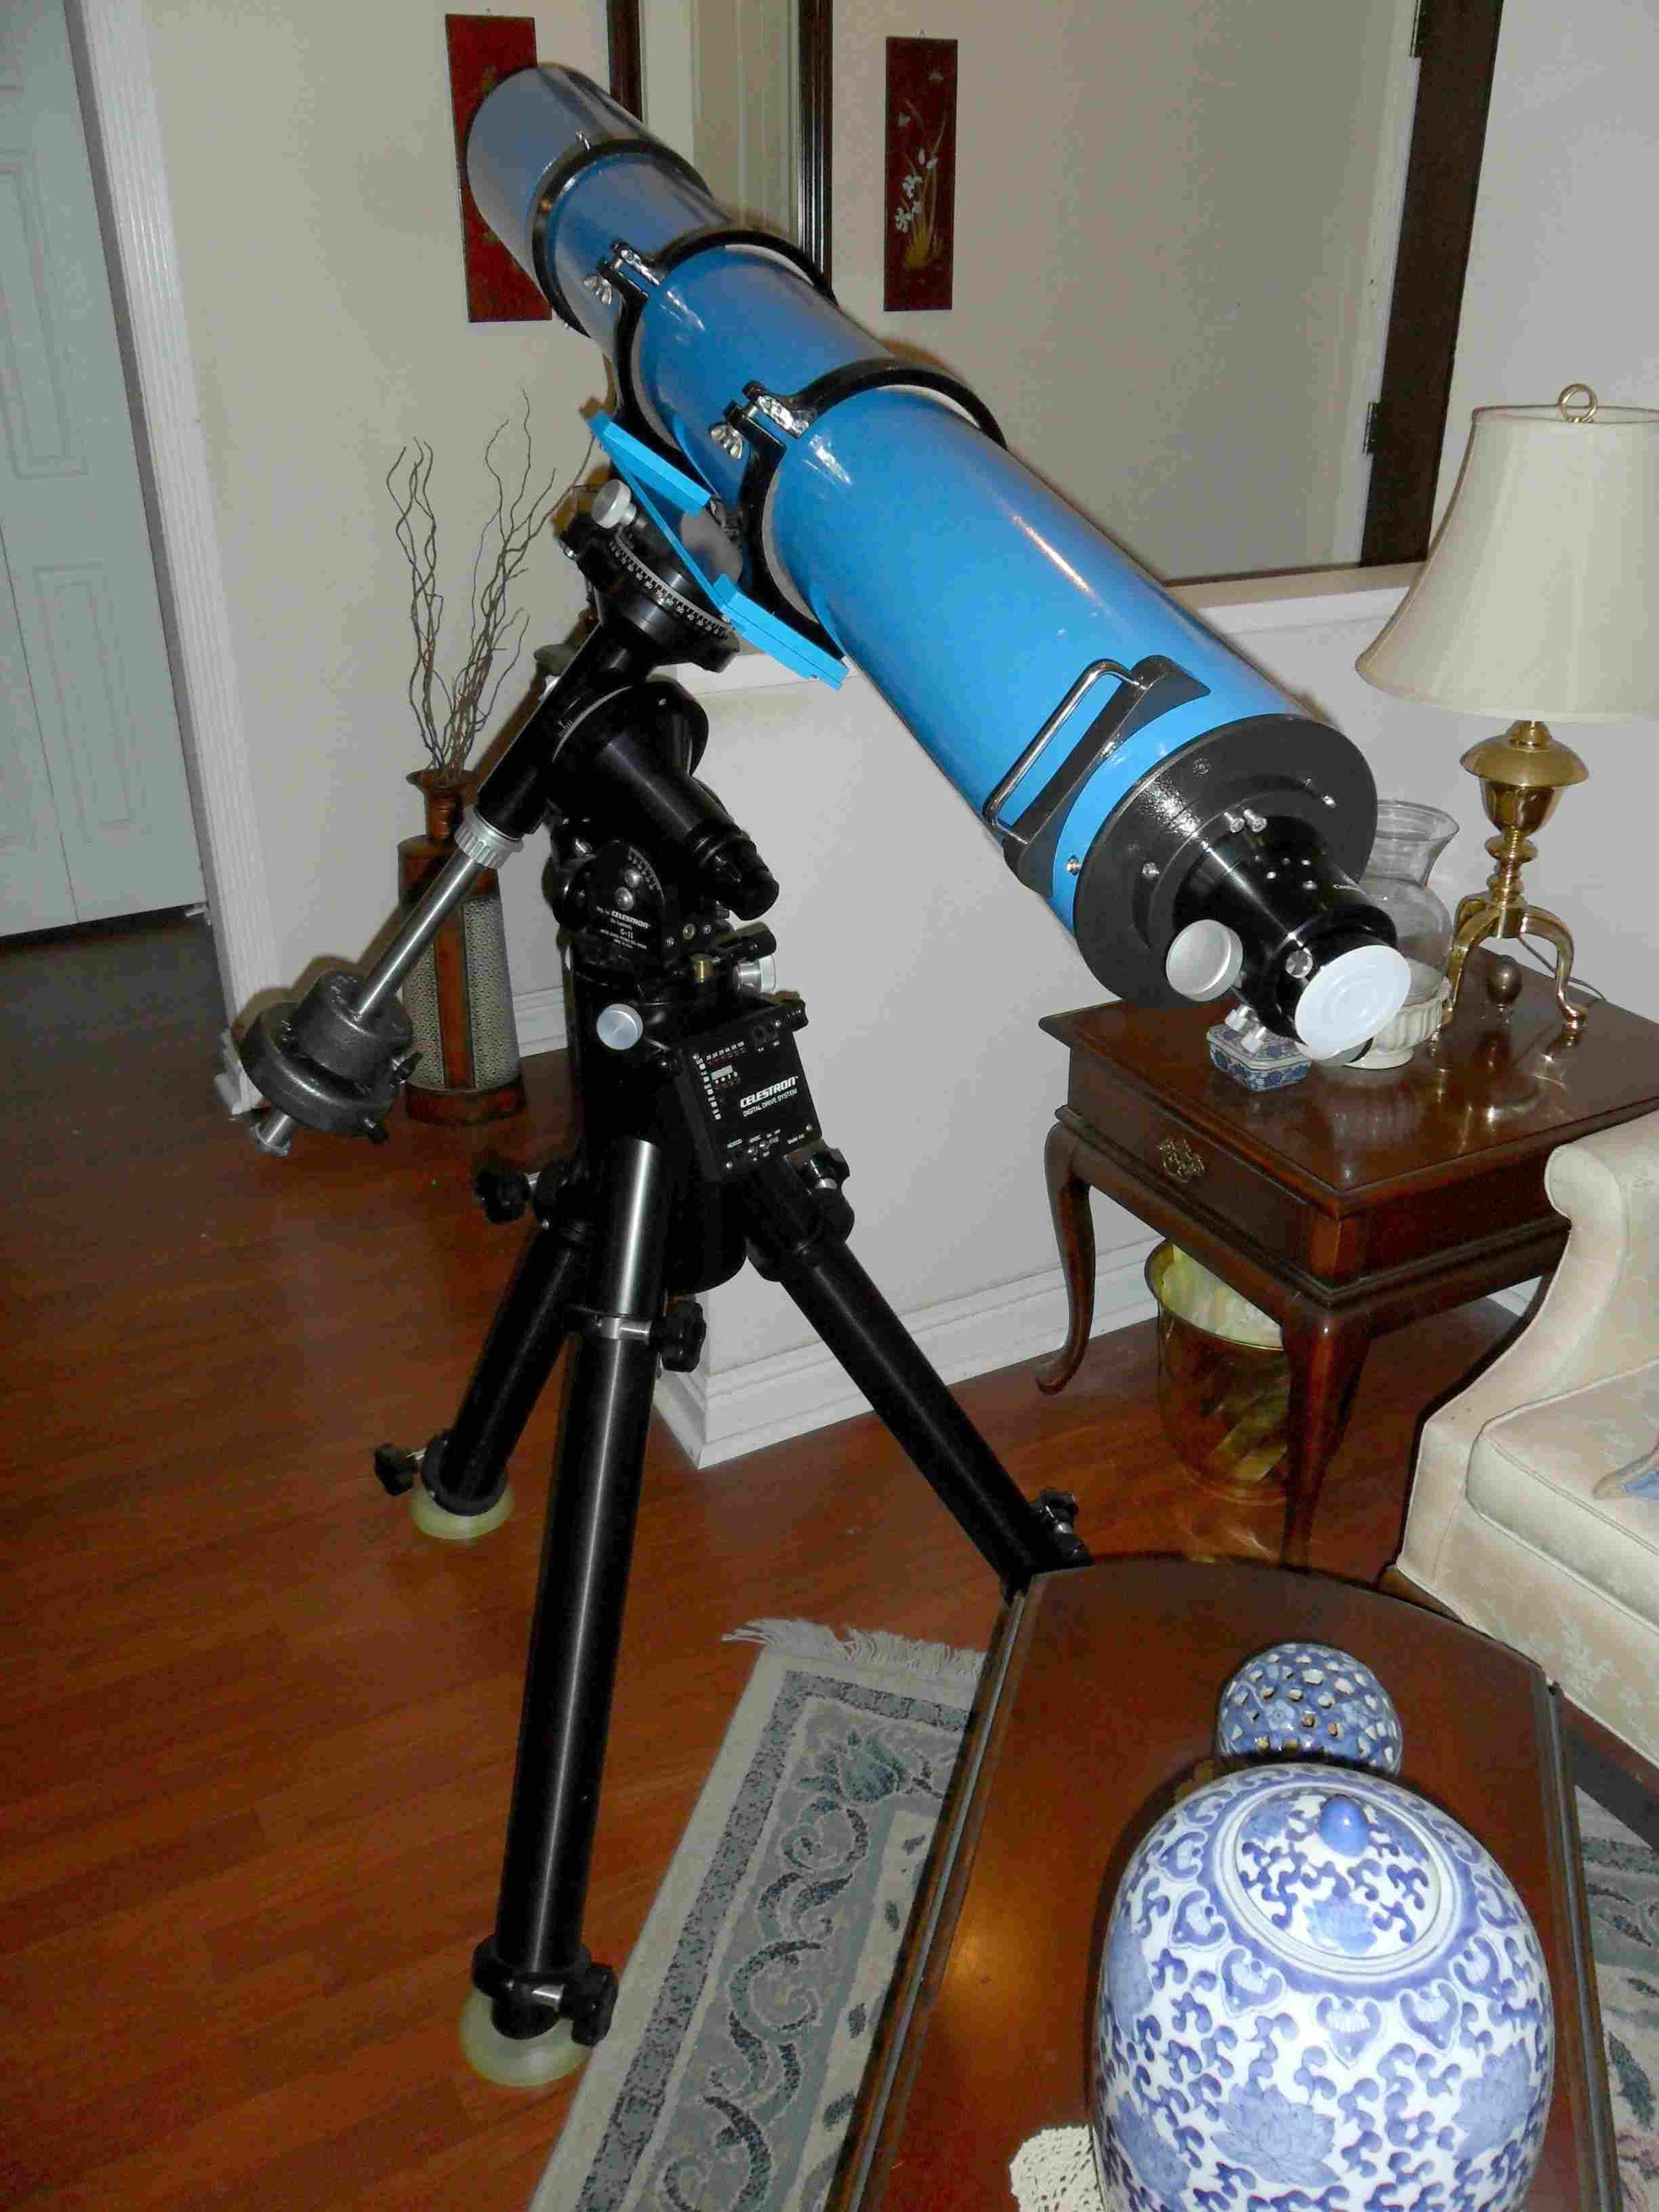 The Vega Sky Center - An Amateur Astronomy Web Hub (Founded